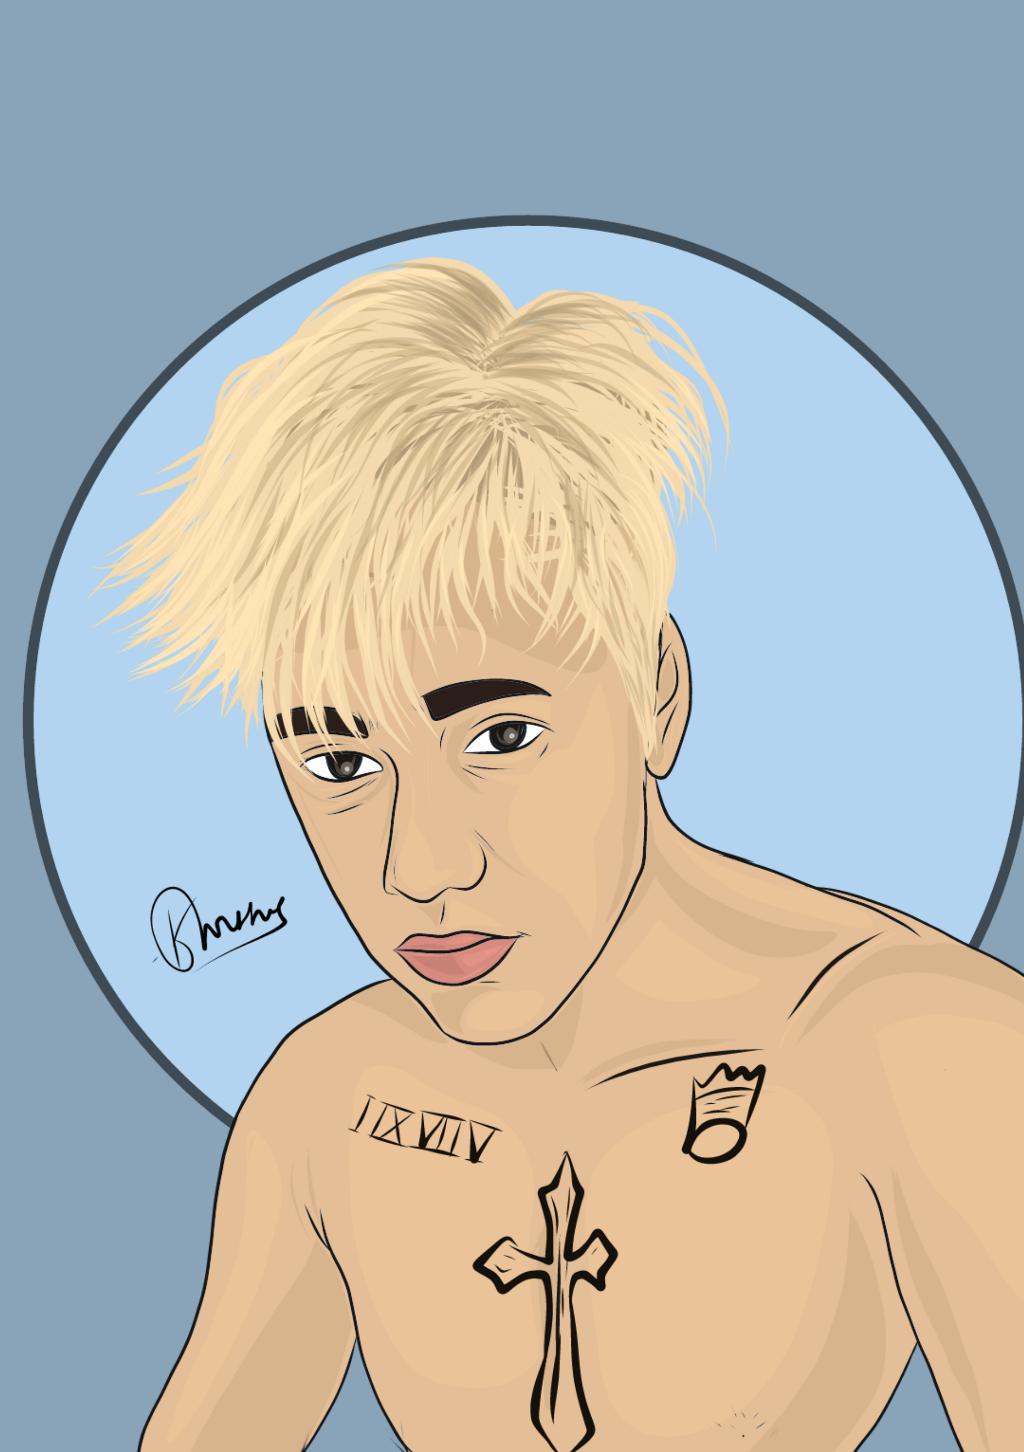 Justin Bieber And Belieber Cartoon